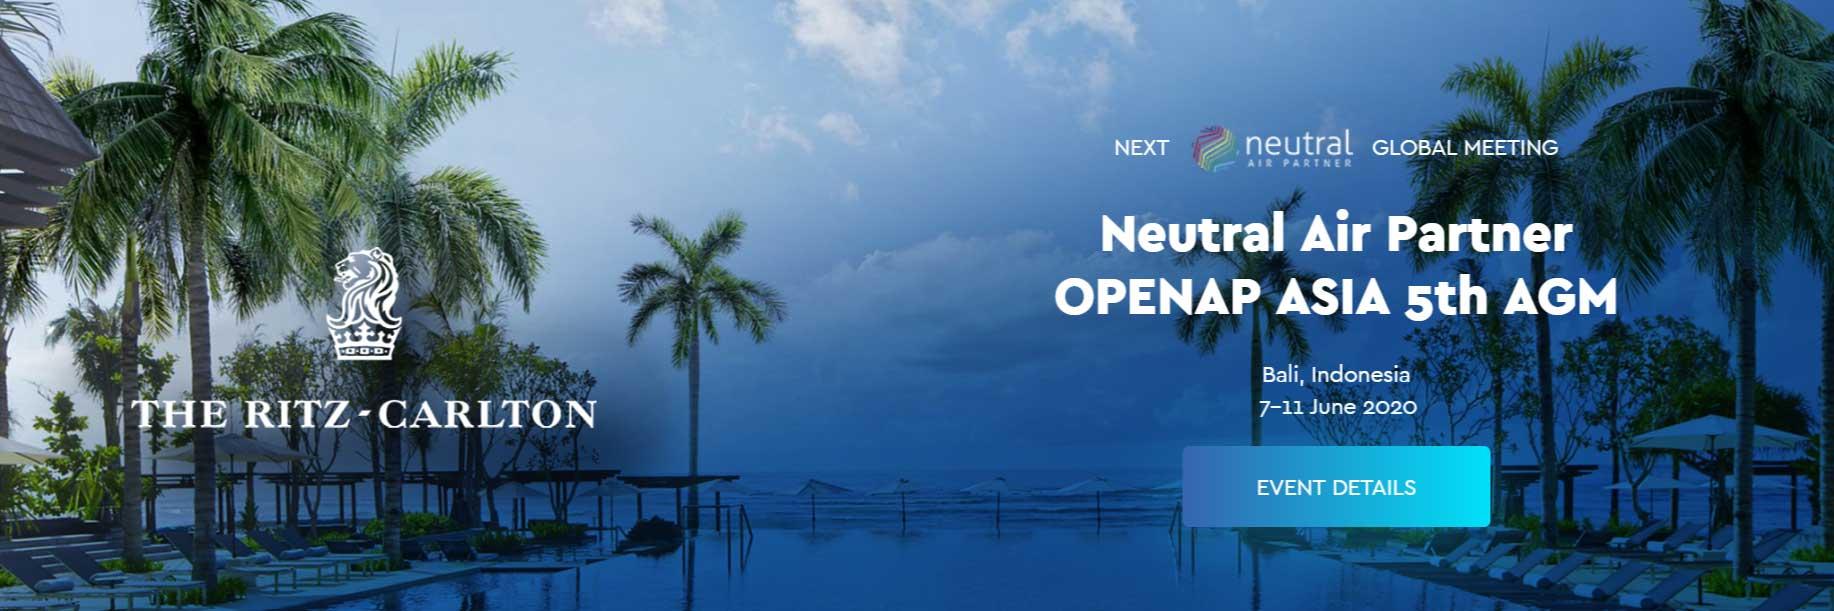 http://openap.neutralairpartner.com/wp-content/uploads/2019/08/Openap2020.jpg